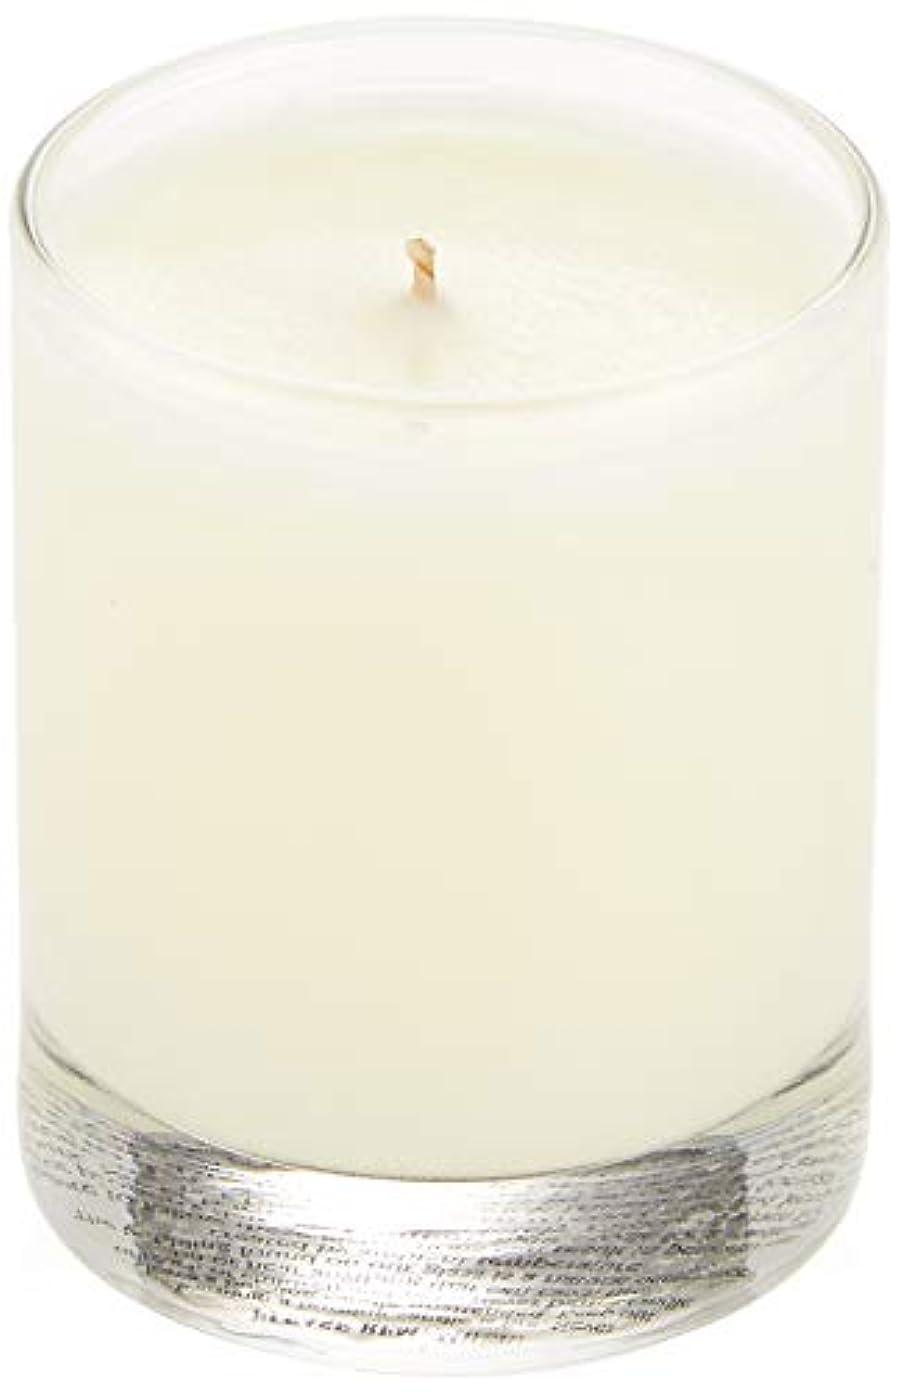 無心海消毒するkai fragrance(カイ フレグランス) ナイトライトキャンドル 連続燃焼18時間